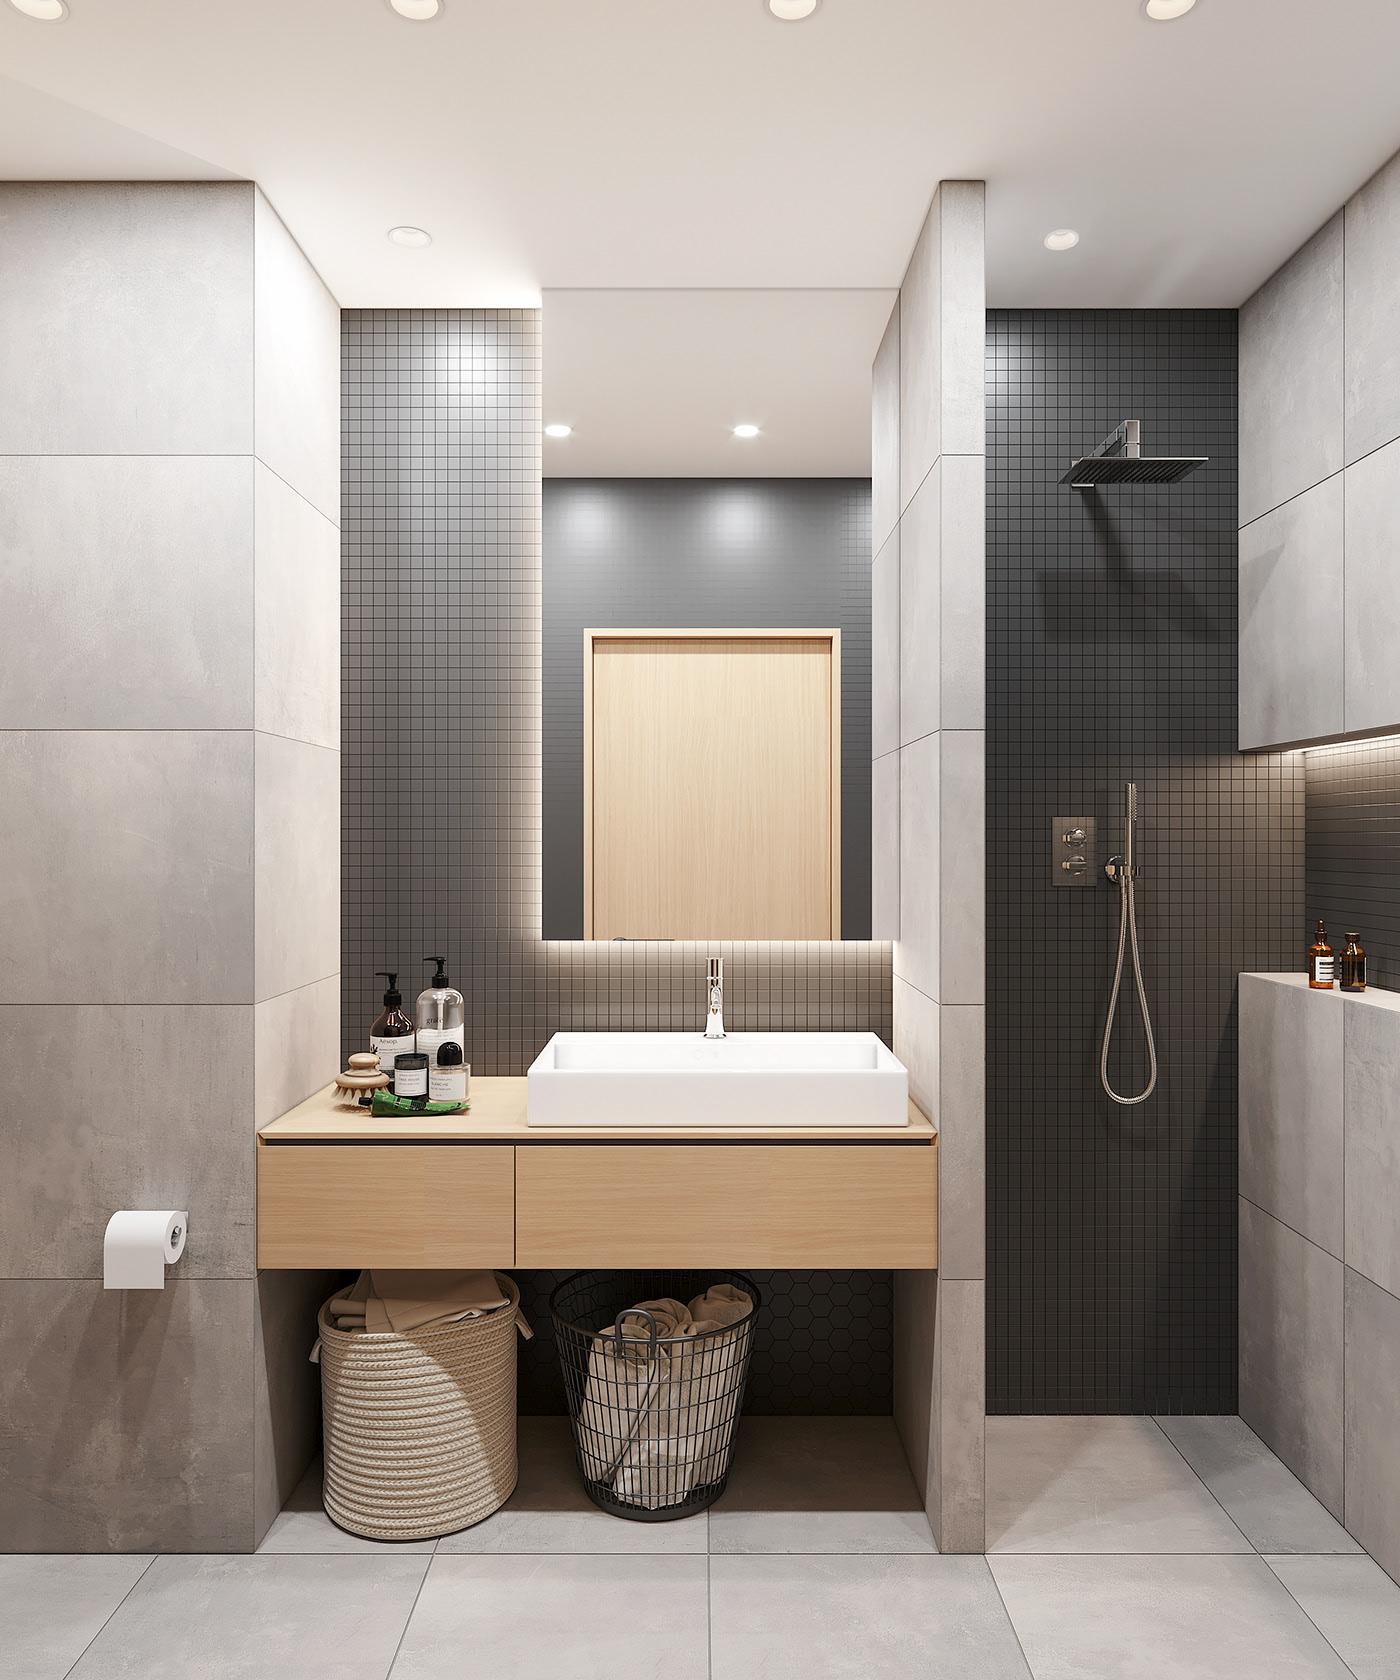 Tư vấn thiết kế căn hộ 90m² theo phong cách Scandinavian cho gia đình 3 người, chi phí 200 triệu - Ảnh 13.